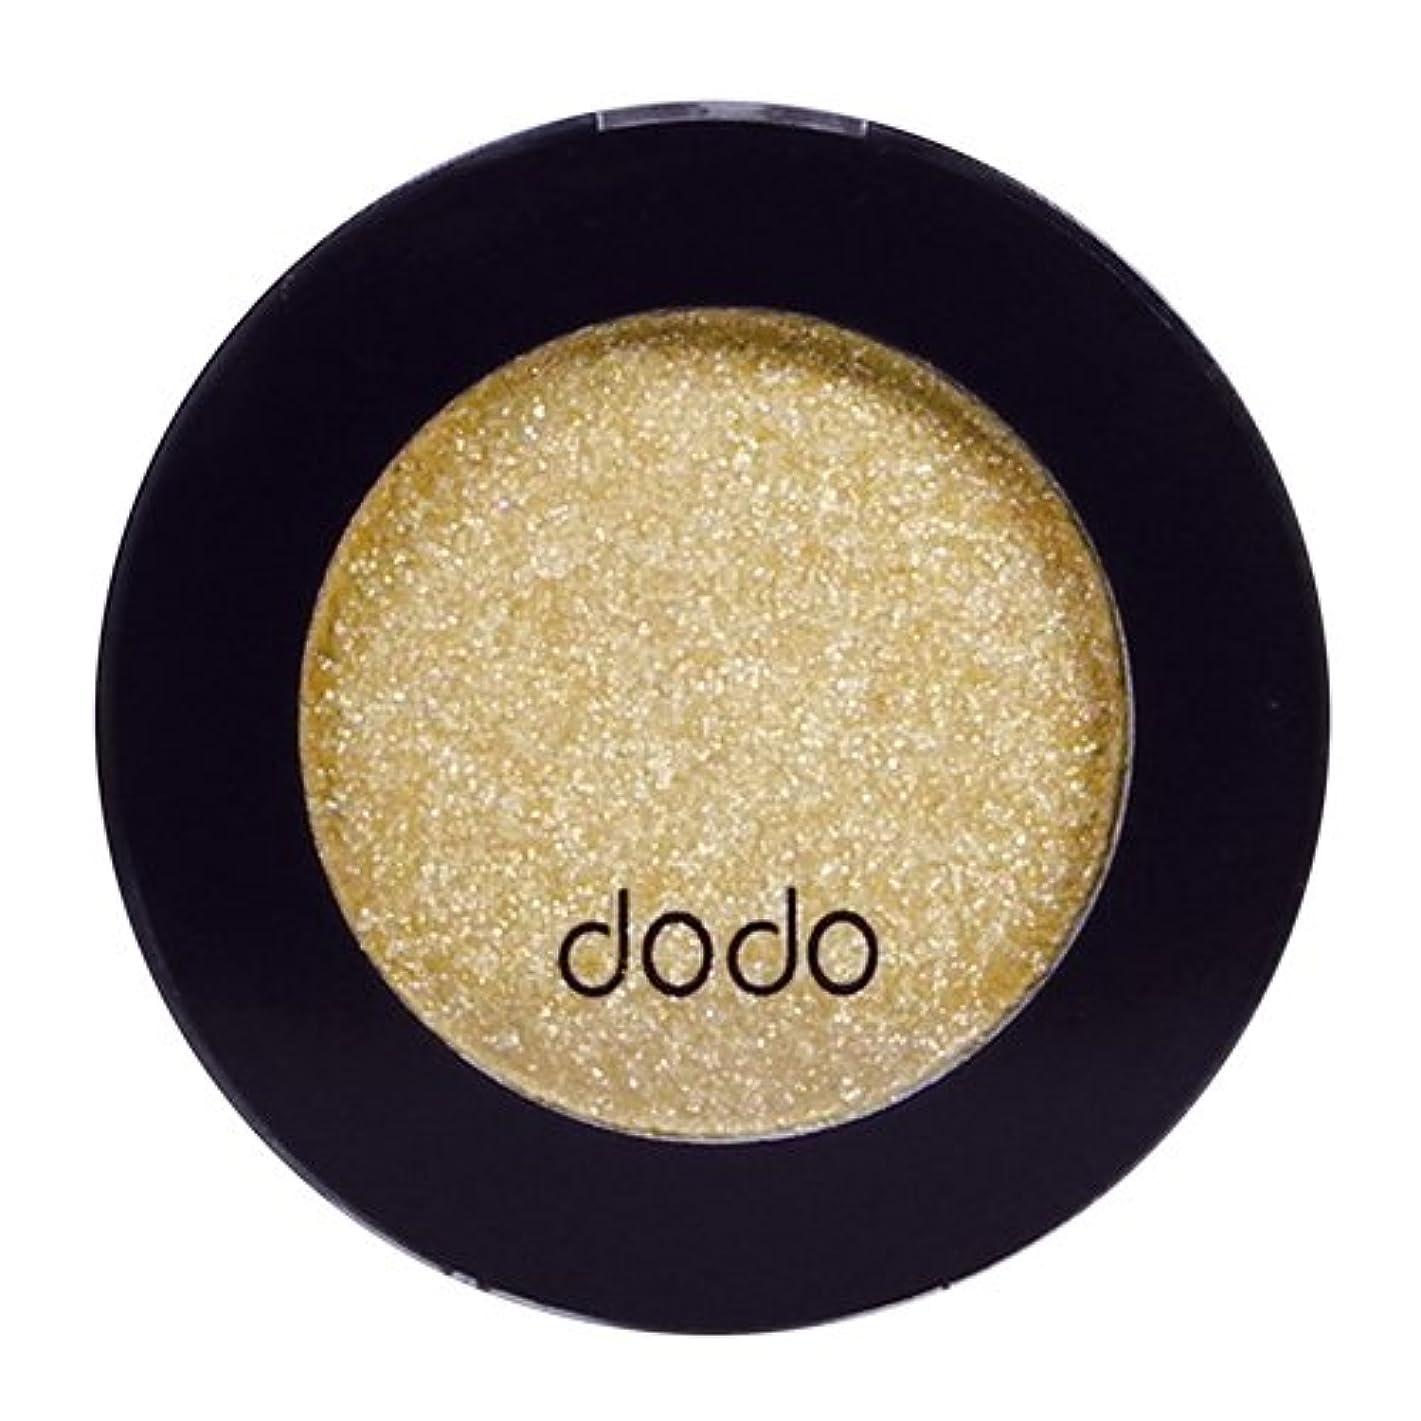 ゆでる家畜大人dodo(ドド) アイシャドウ NO2 ゴールド (2g)